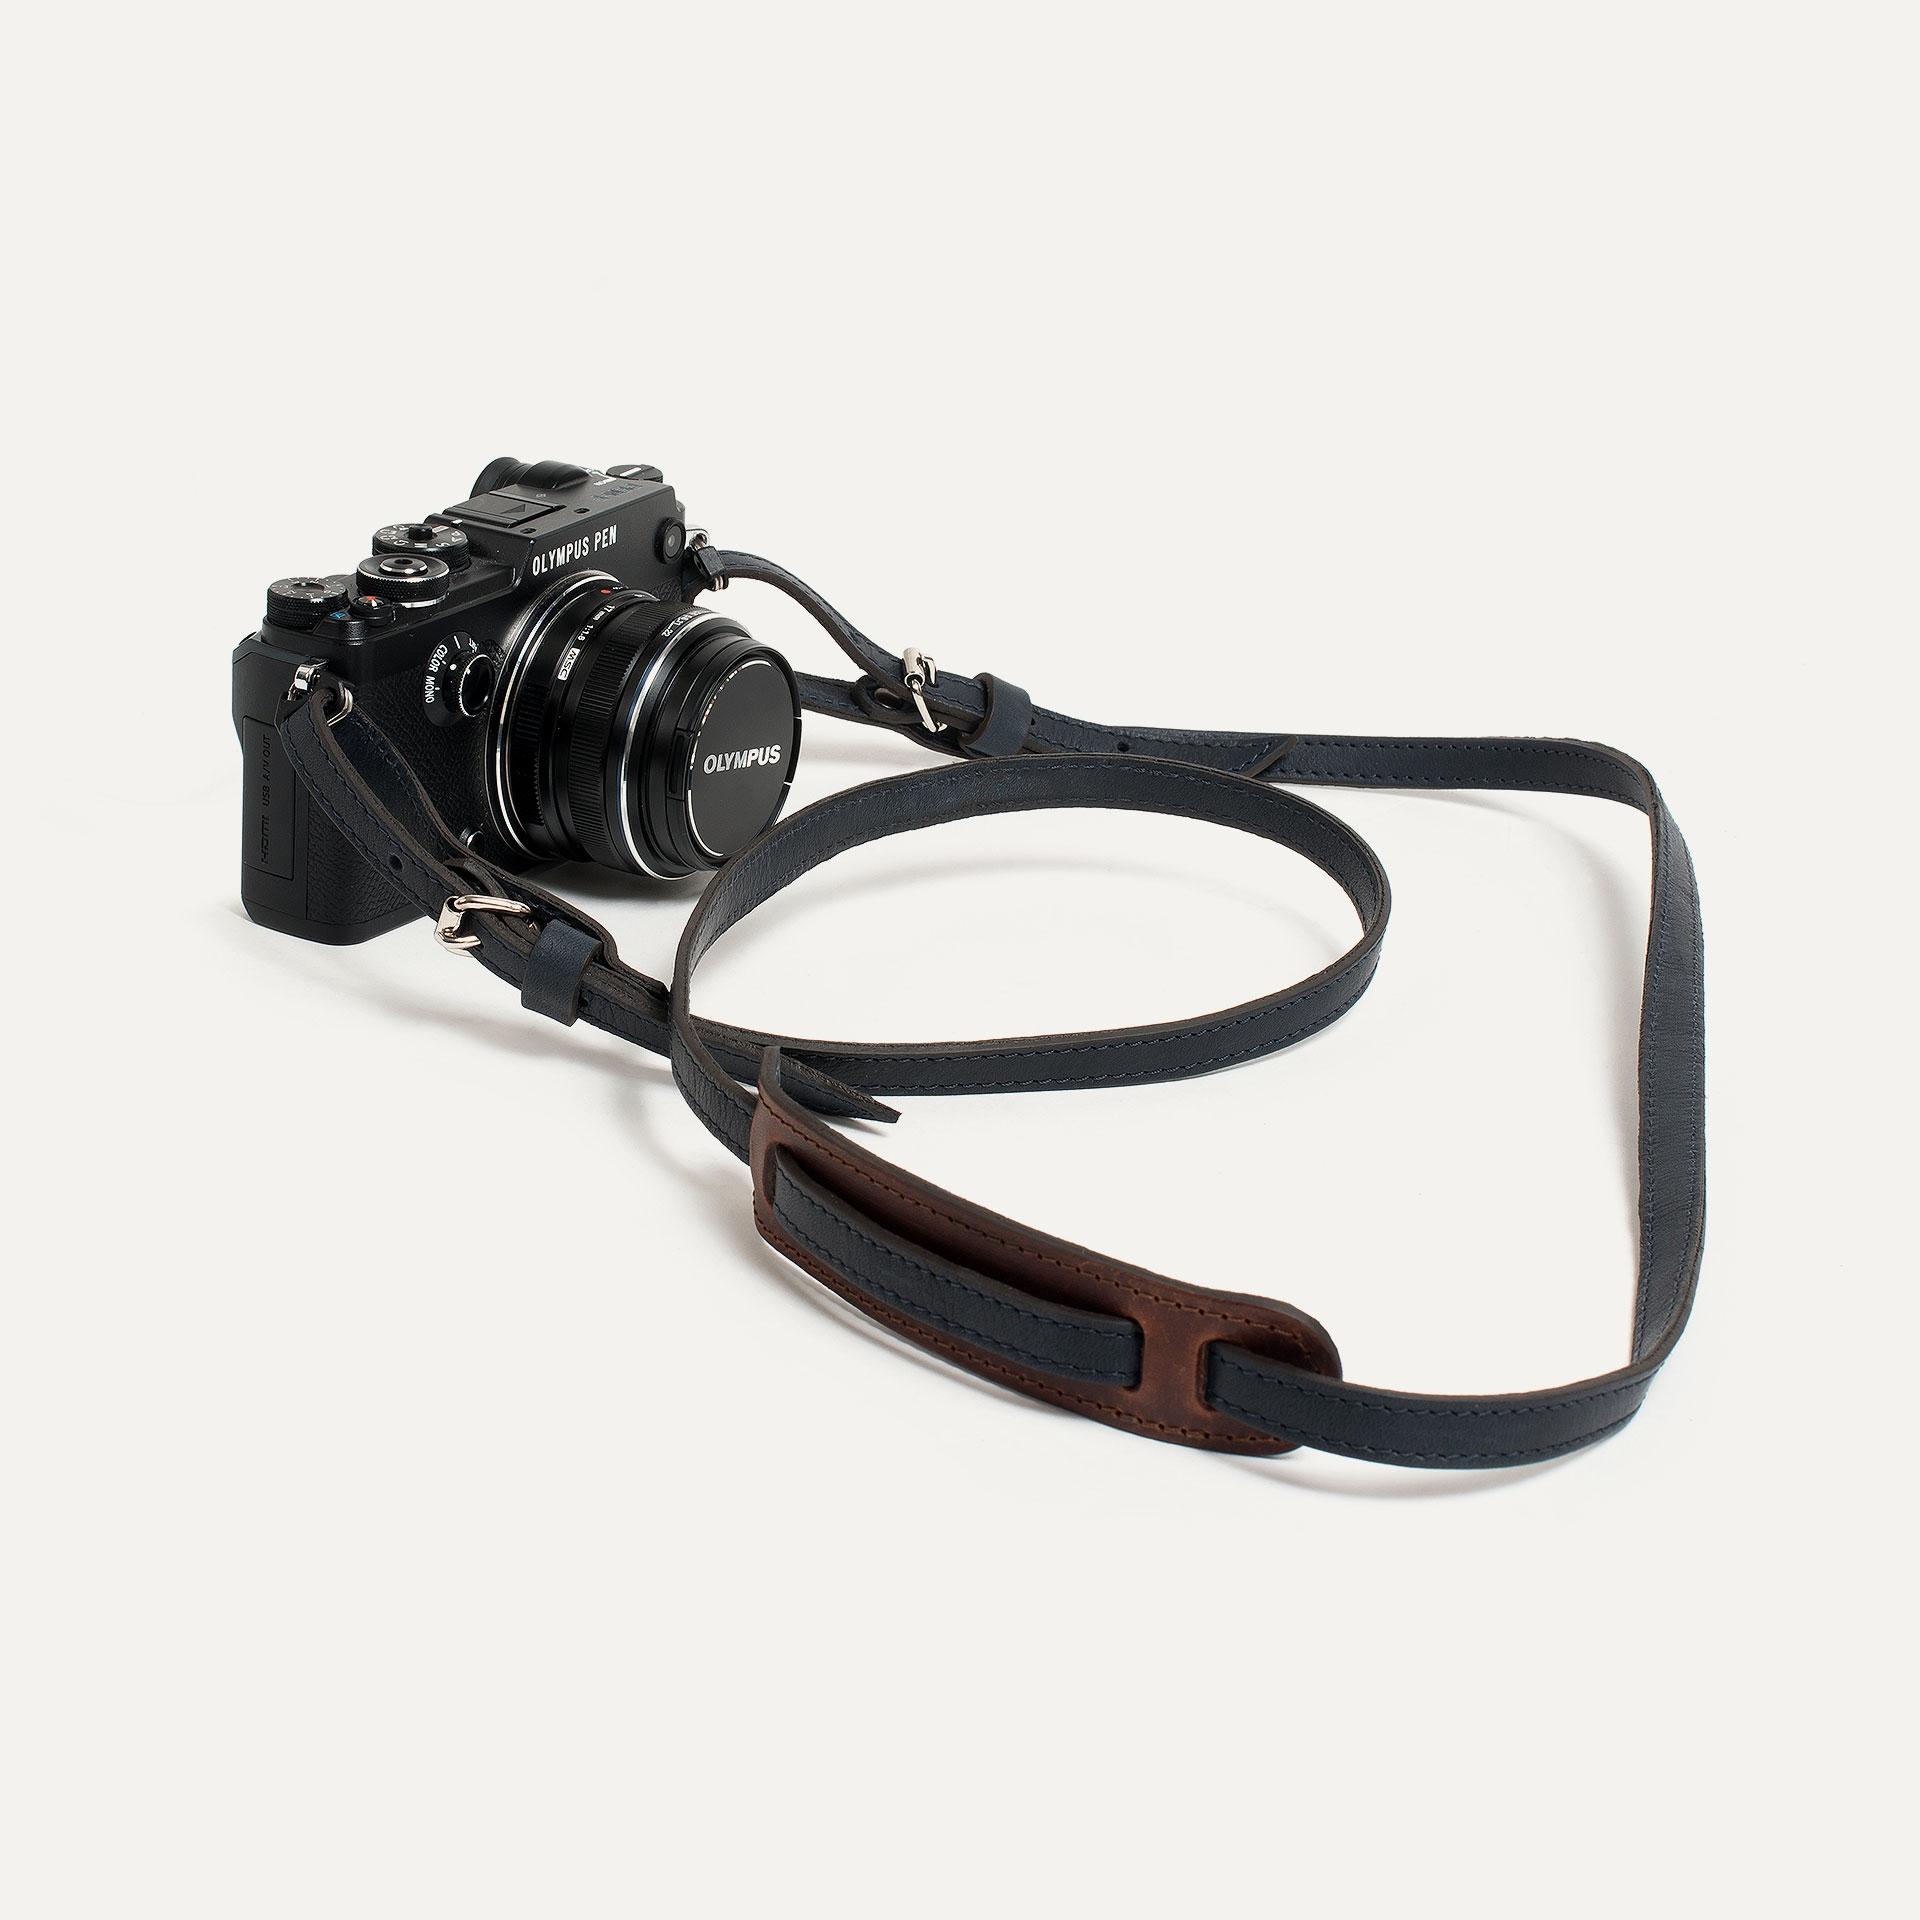 Bandoulière appareil photo - Clic (image n°1)